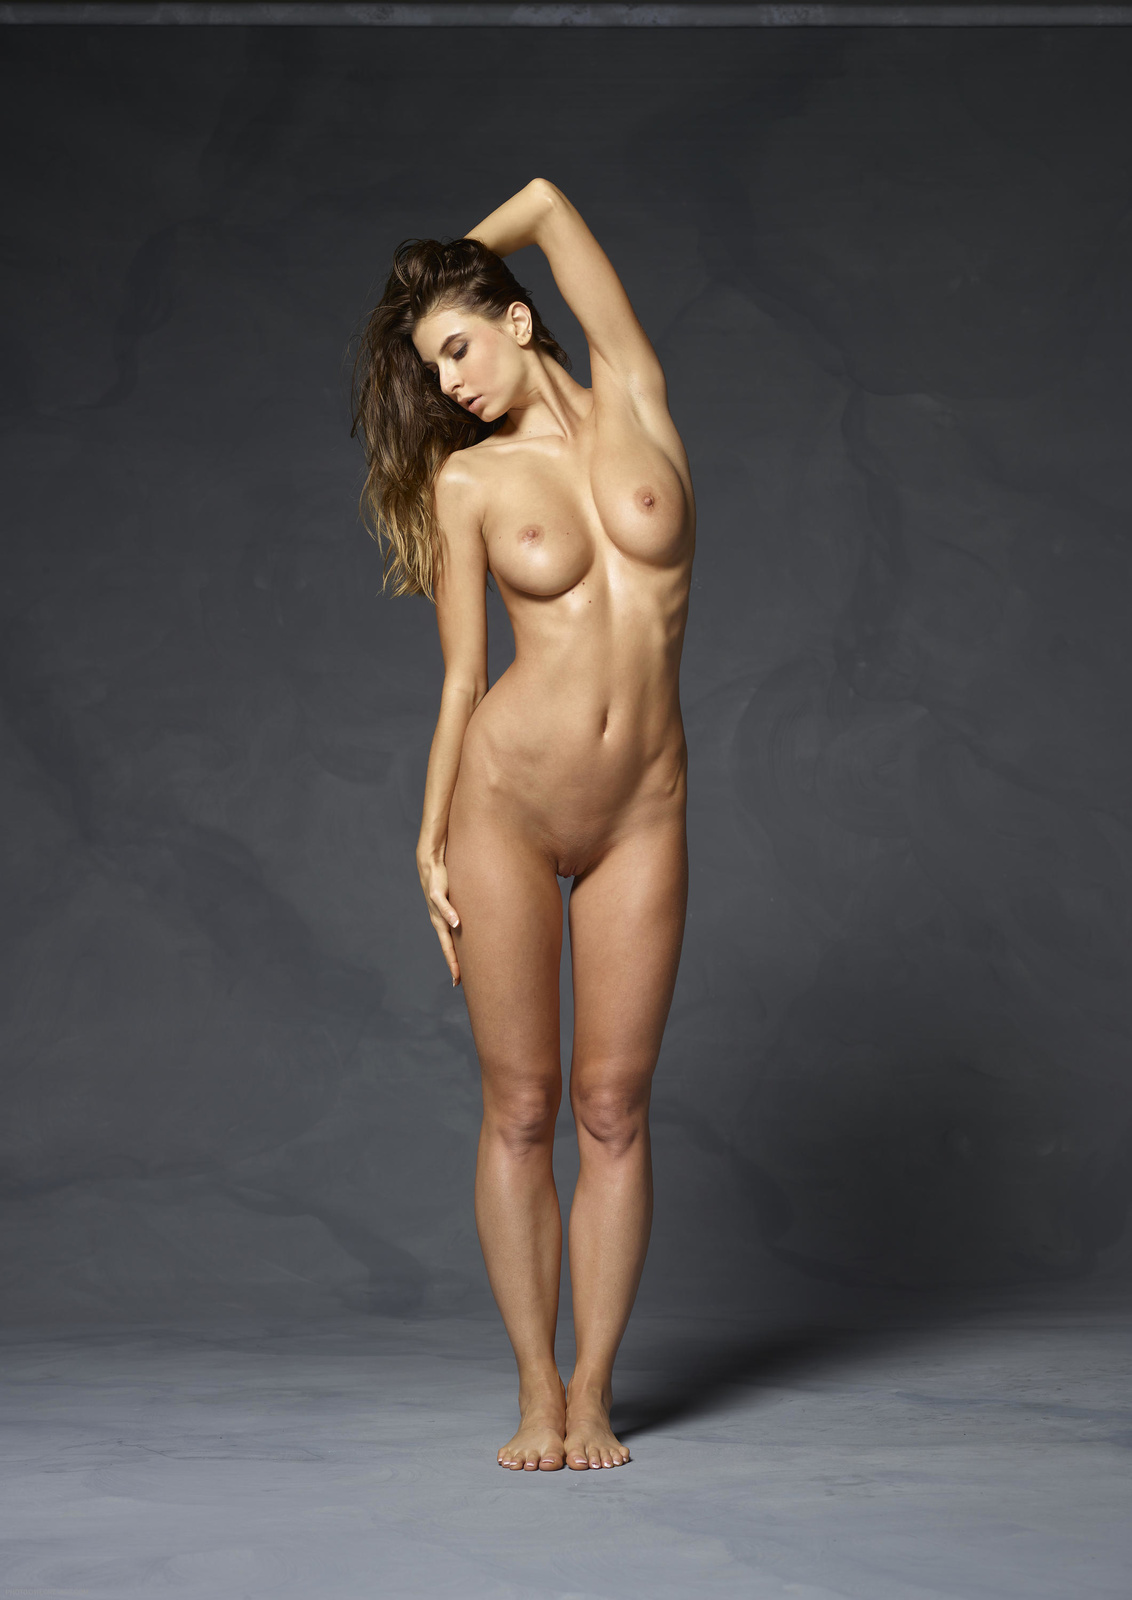 Zdjęcie porno - 1515 - Jędrne ciałko super babki